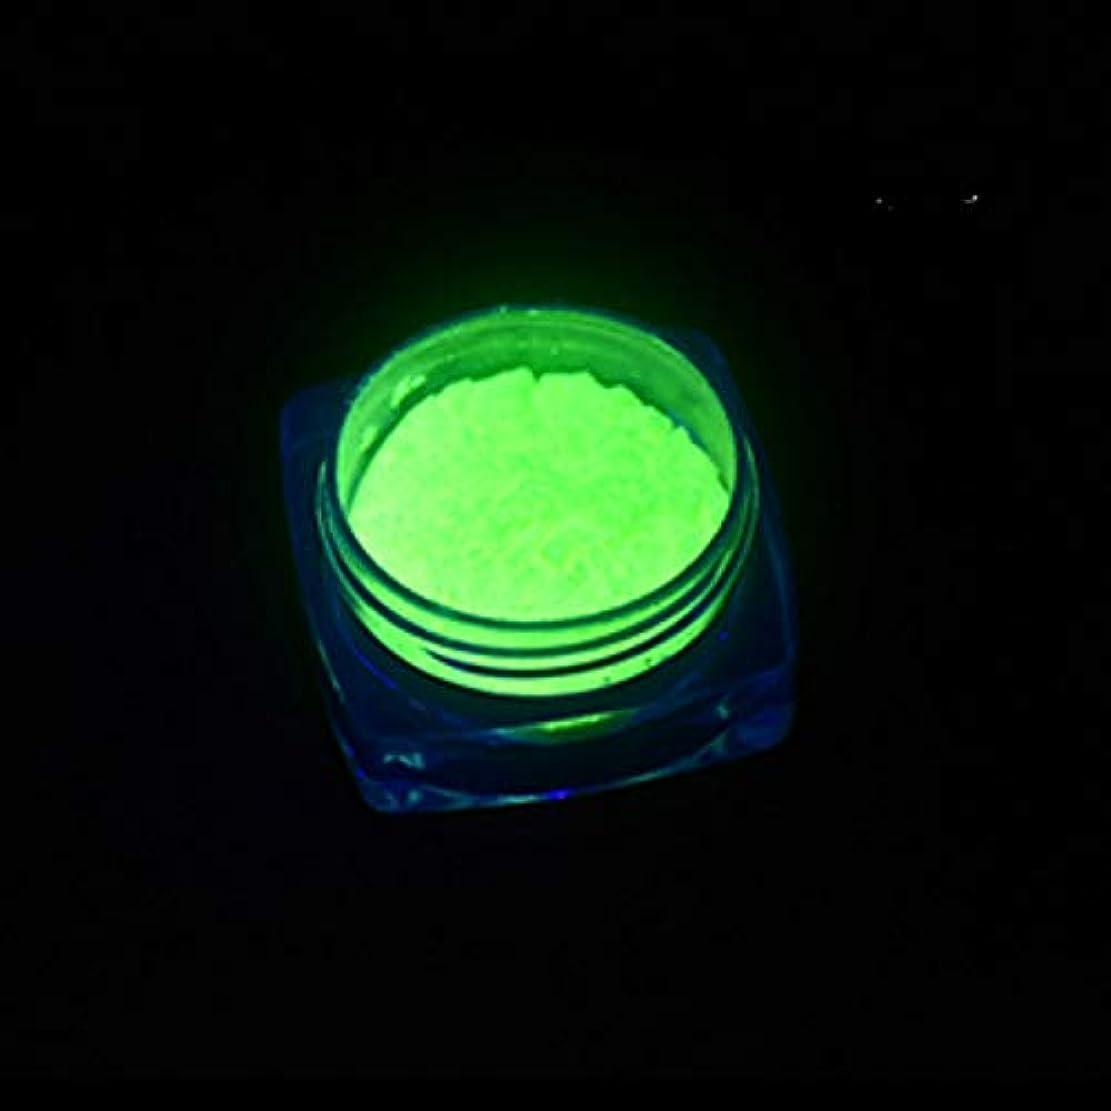 過ち精算判決ビューティー&パーソナルケア 3 PCSネオン蛍光体粉末ネイルグリッターパウダー ステッカー&デカール (色 : YGF09 Light Green)